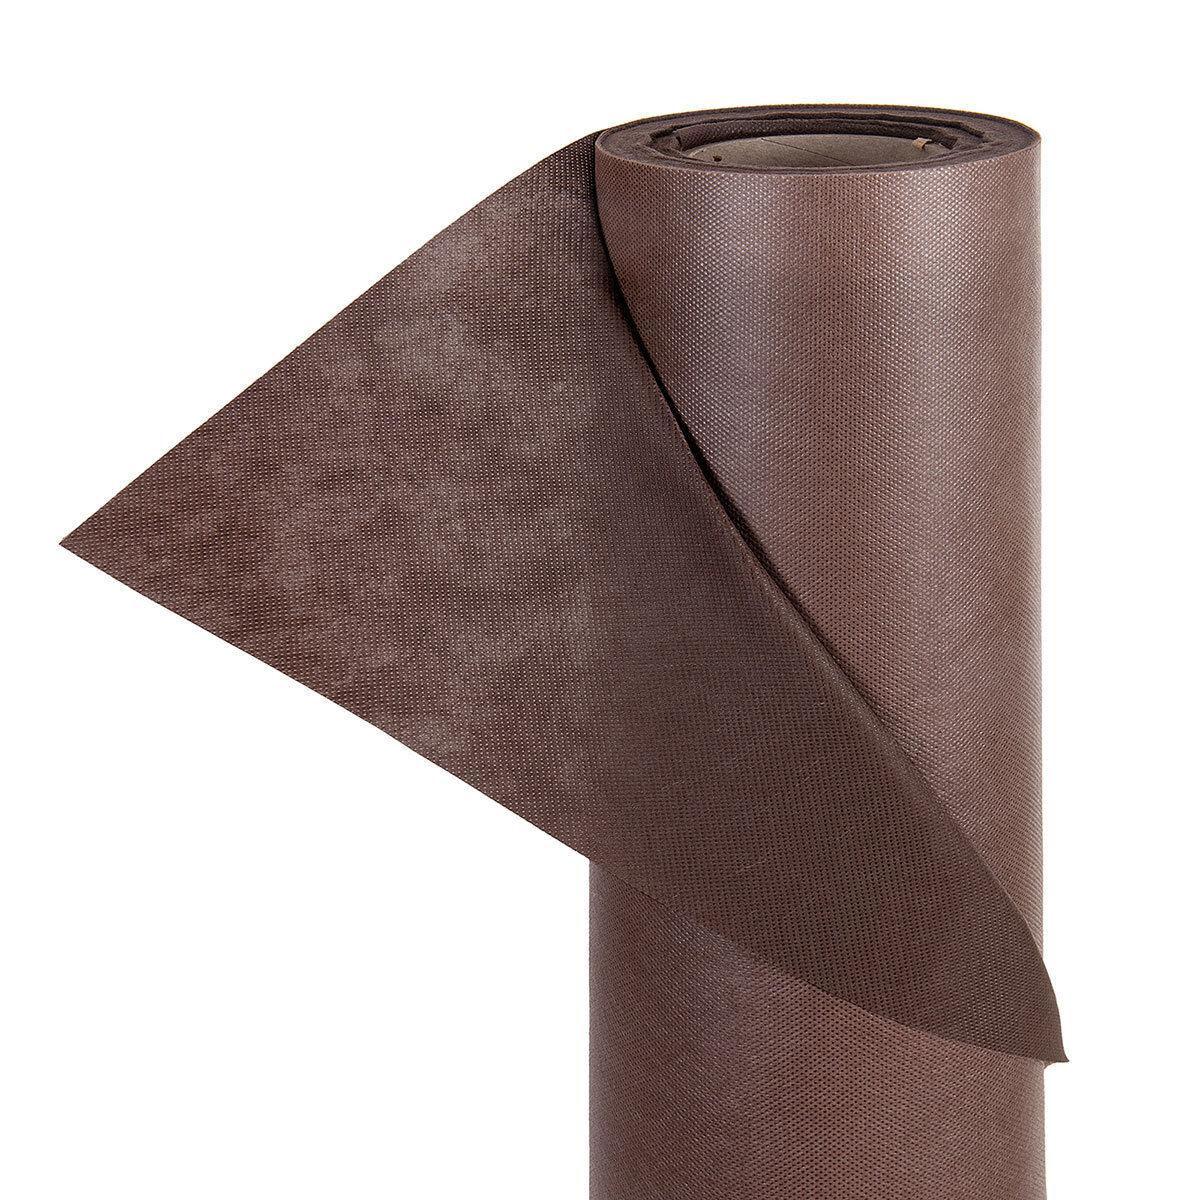 protección contra Malezas, Vellón de solución para Malahierba fibra de Vellón Jardín 80g 1a4c46